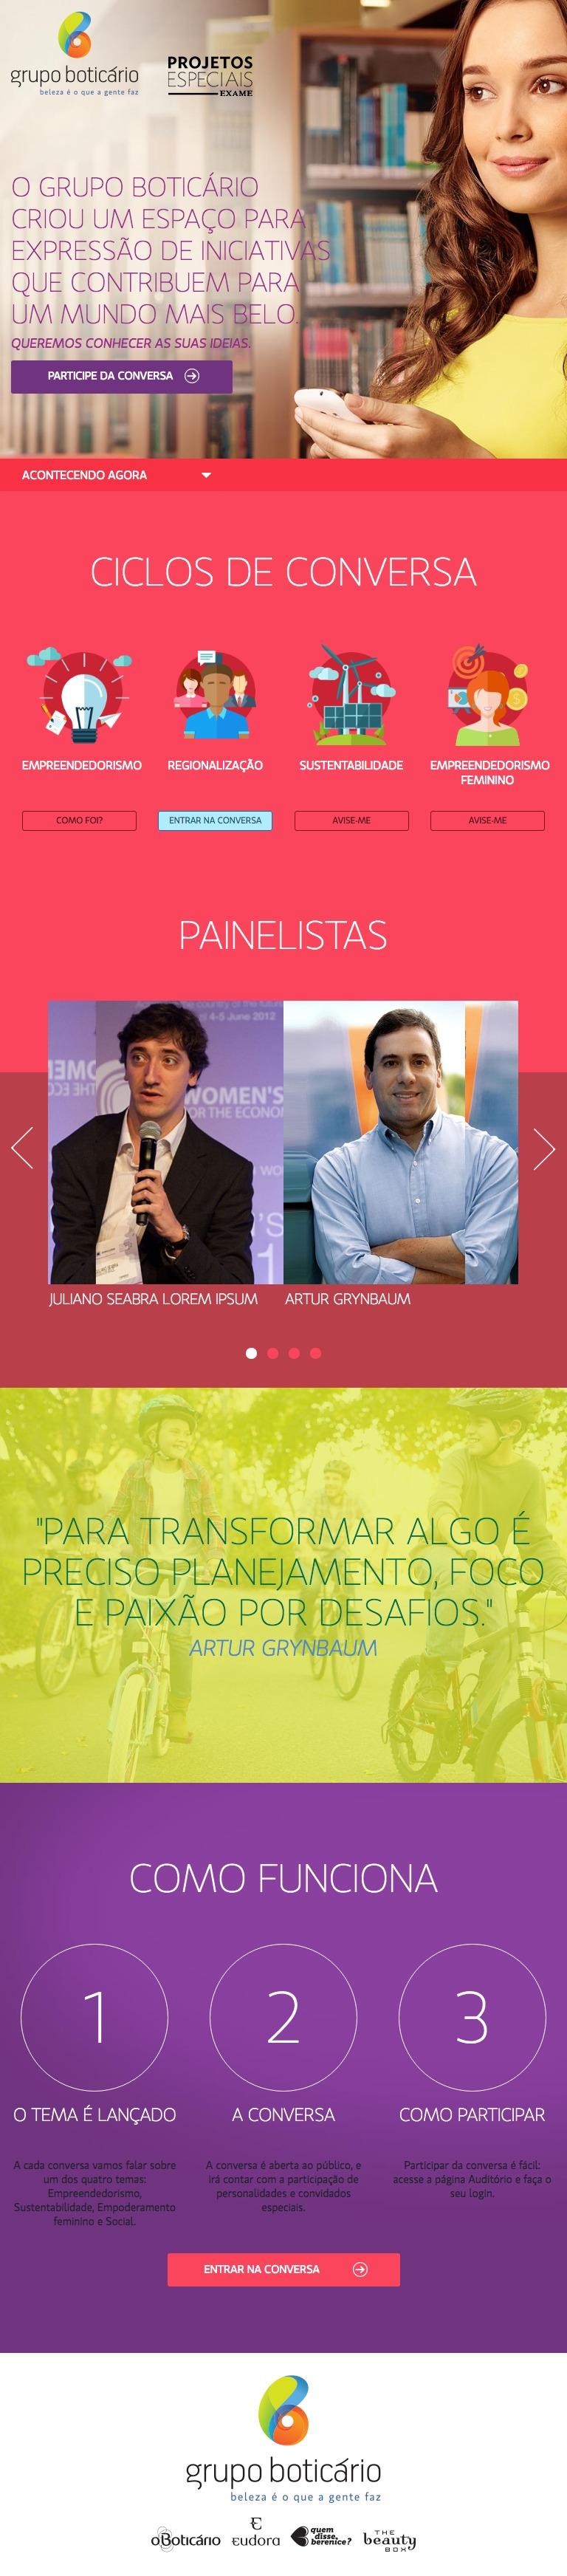 Plataforma de Debate Grupo Boticário - 030.jpg